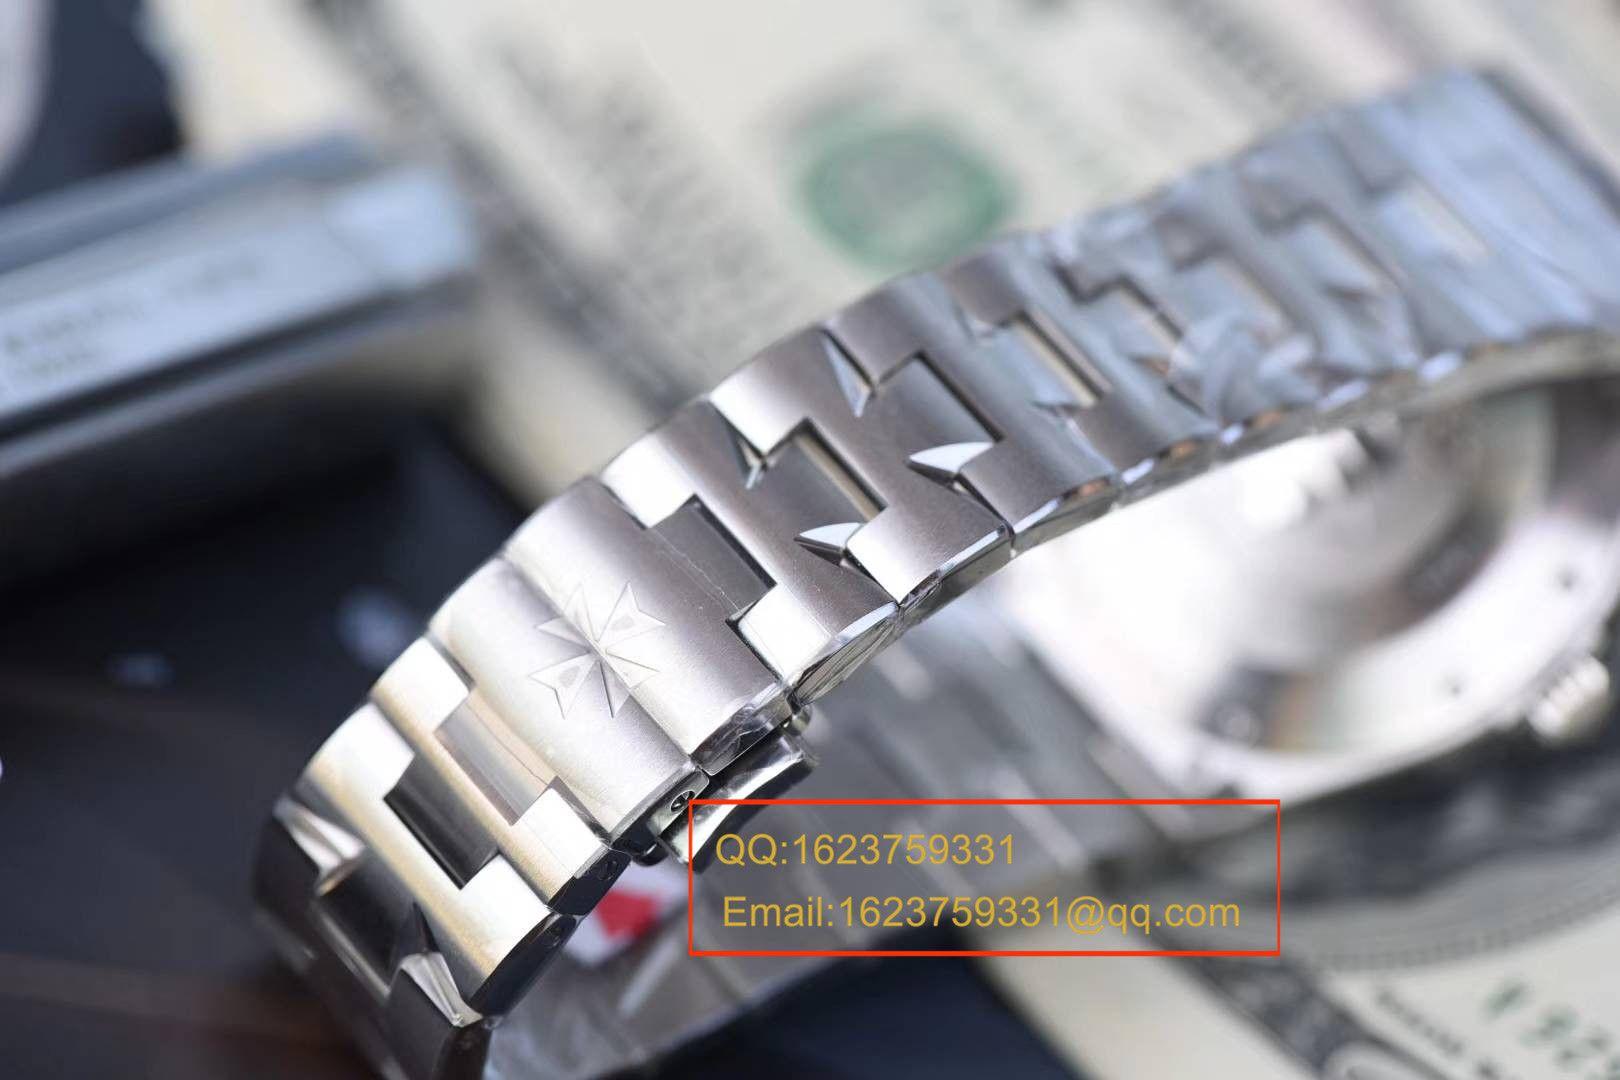 【独家视频评测JJ一比一超A高仿手表】江诗丹顿纵横四海系列47040/B01A-9093腕表 / JSBI115